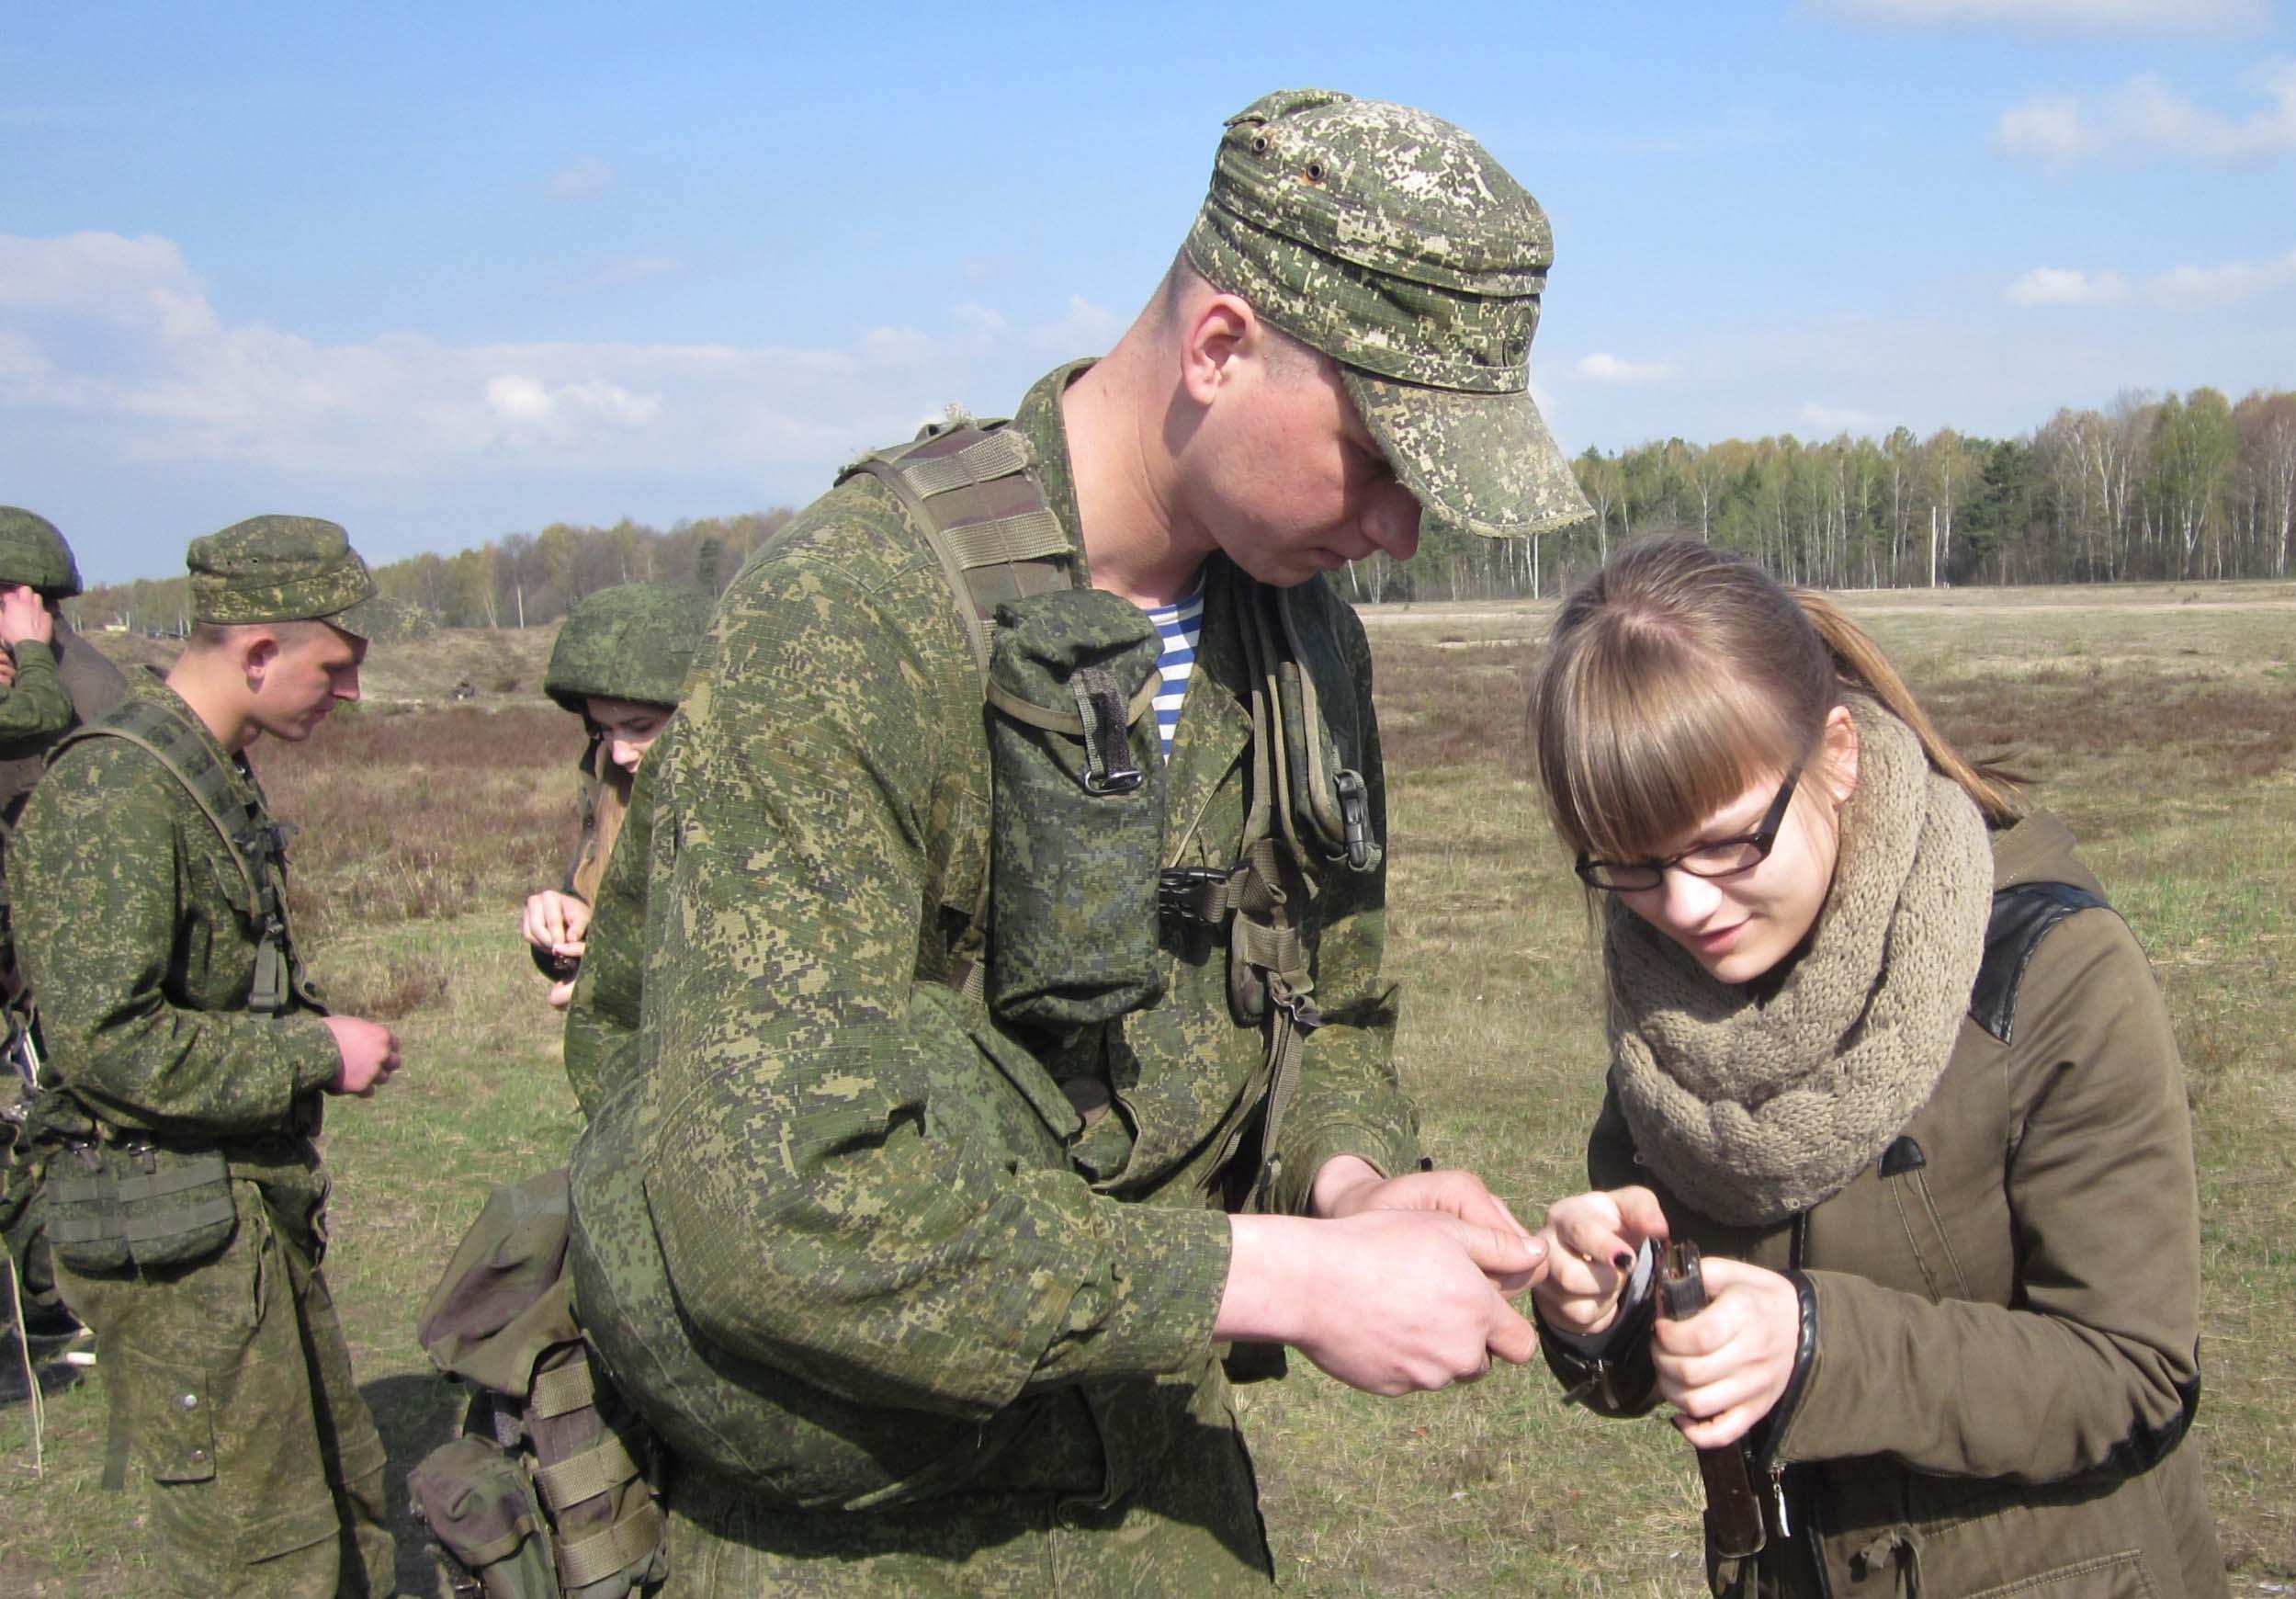 Военнослужащие 38 гв. омоббр объясняли юным членам ДОСААФ правила выполнения упражнения по стрельбе из автомата